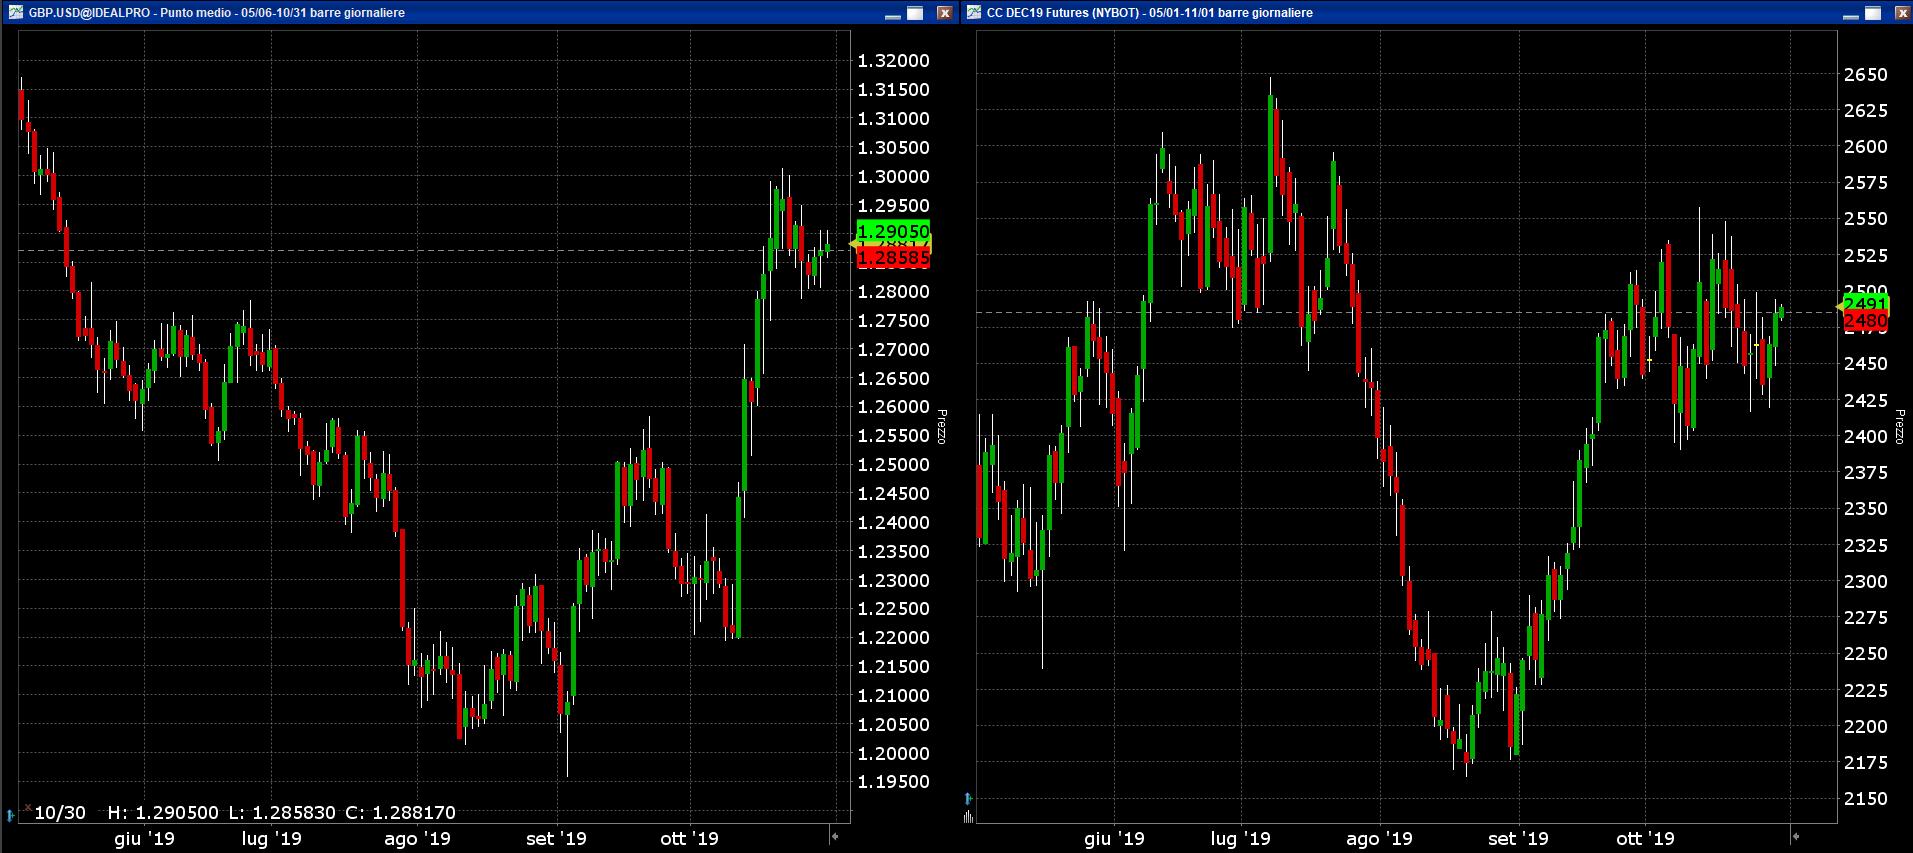 Grafico 1. Confronto GBP/USD con il future del Cacao di dicembre